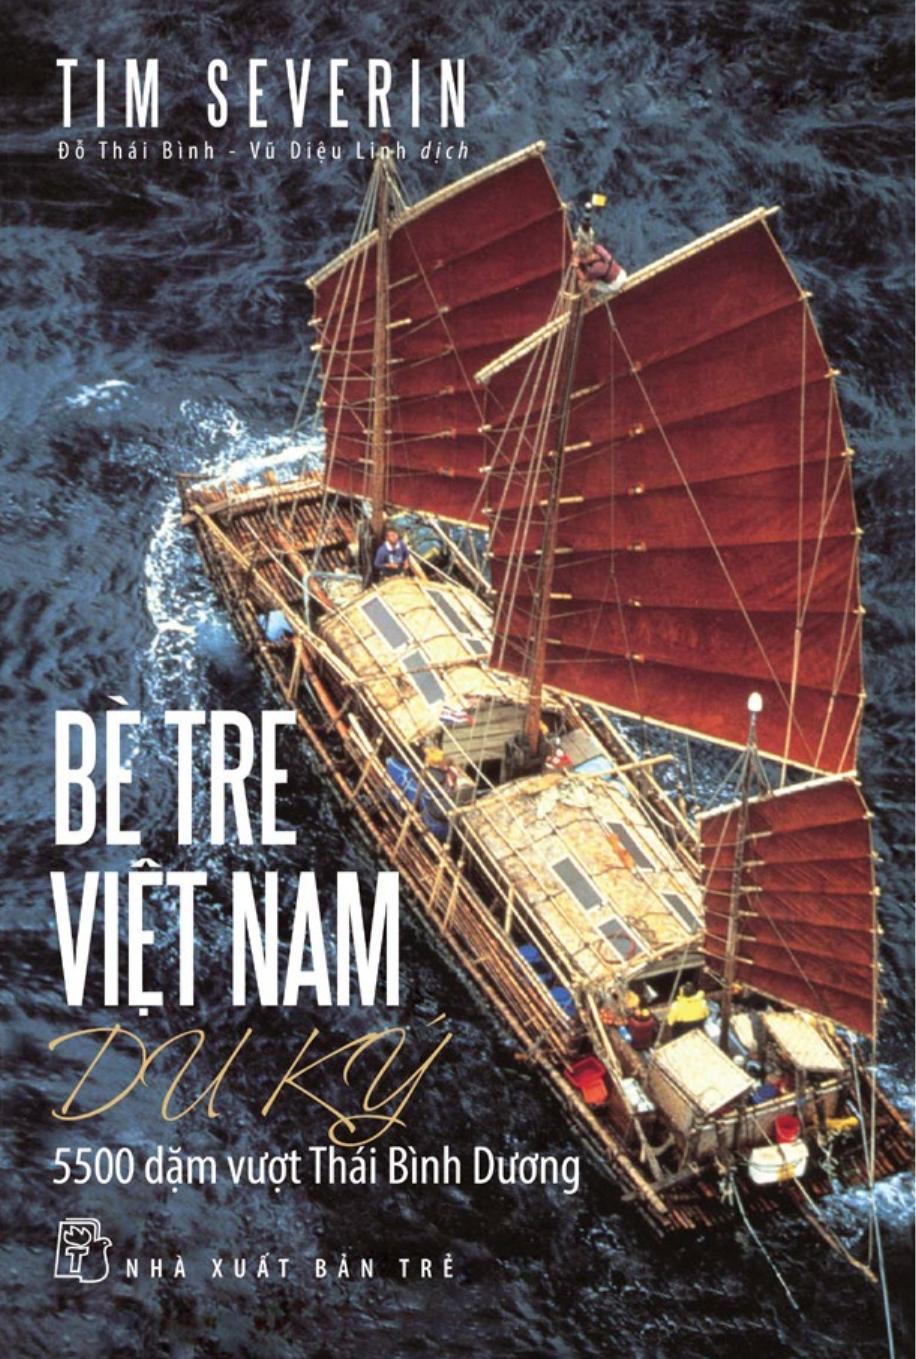 Bè Tre Việt Nam Du Ký - Tim Severin